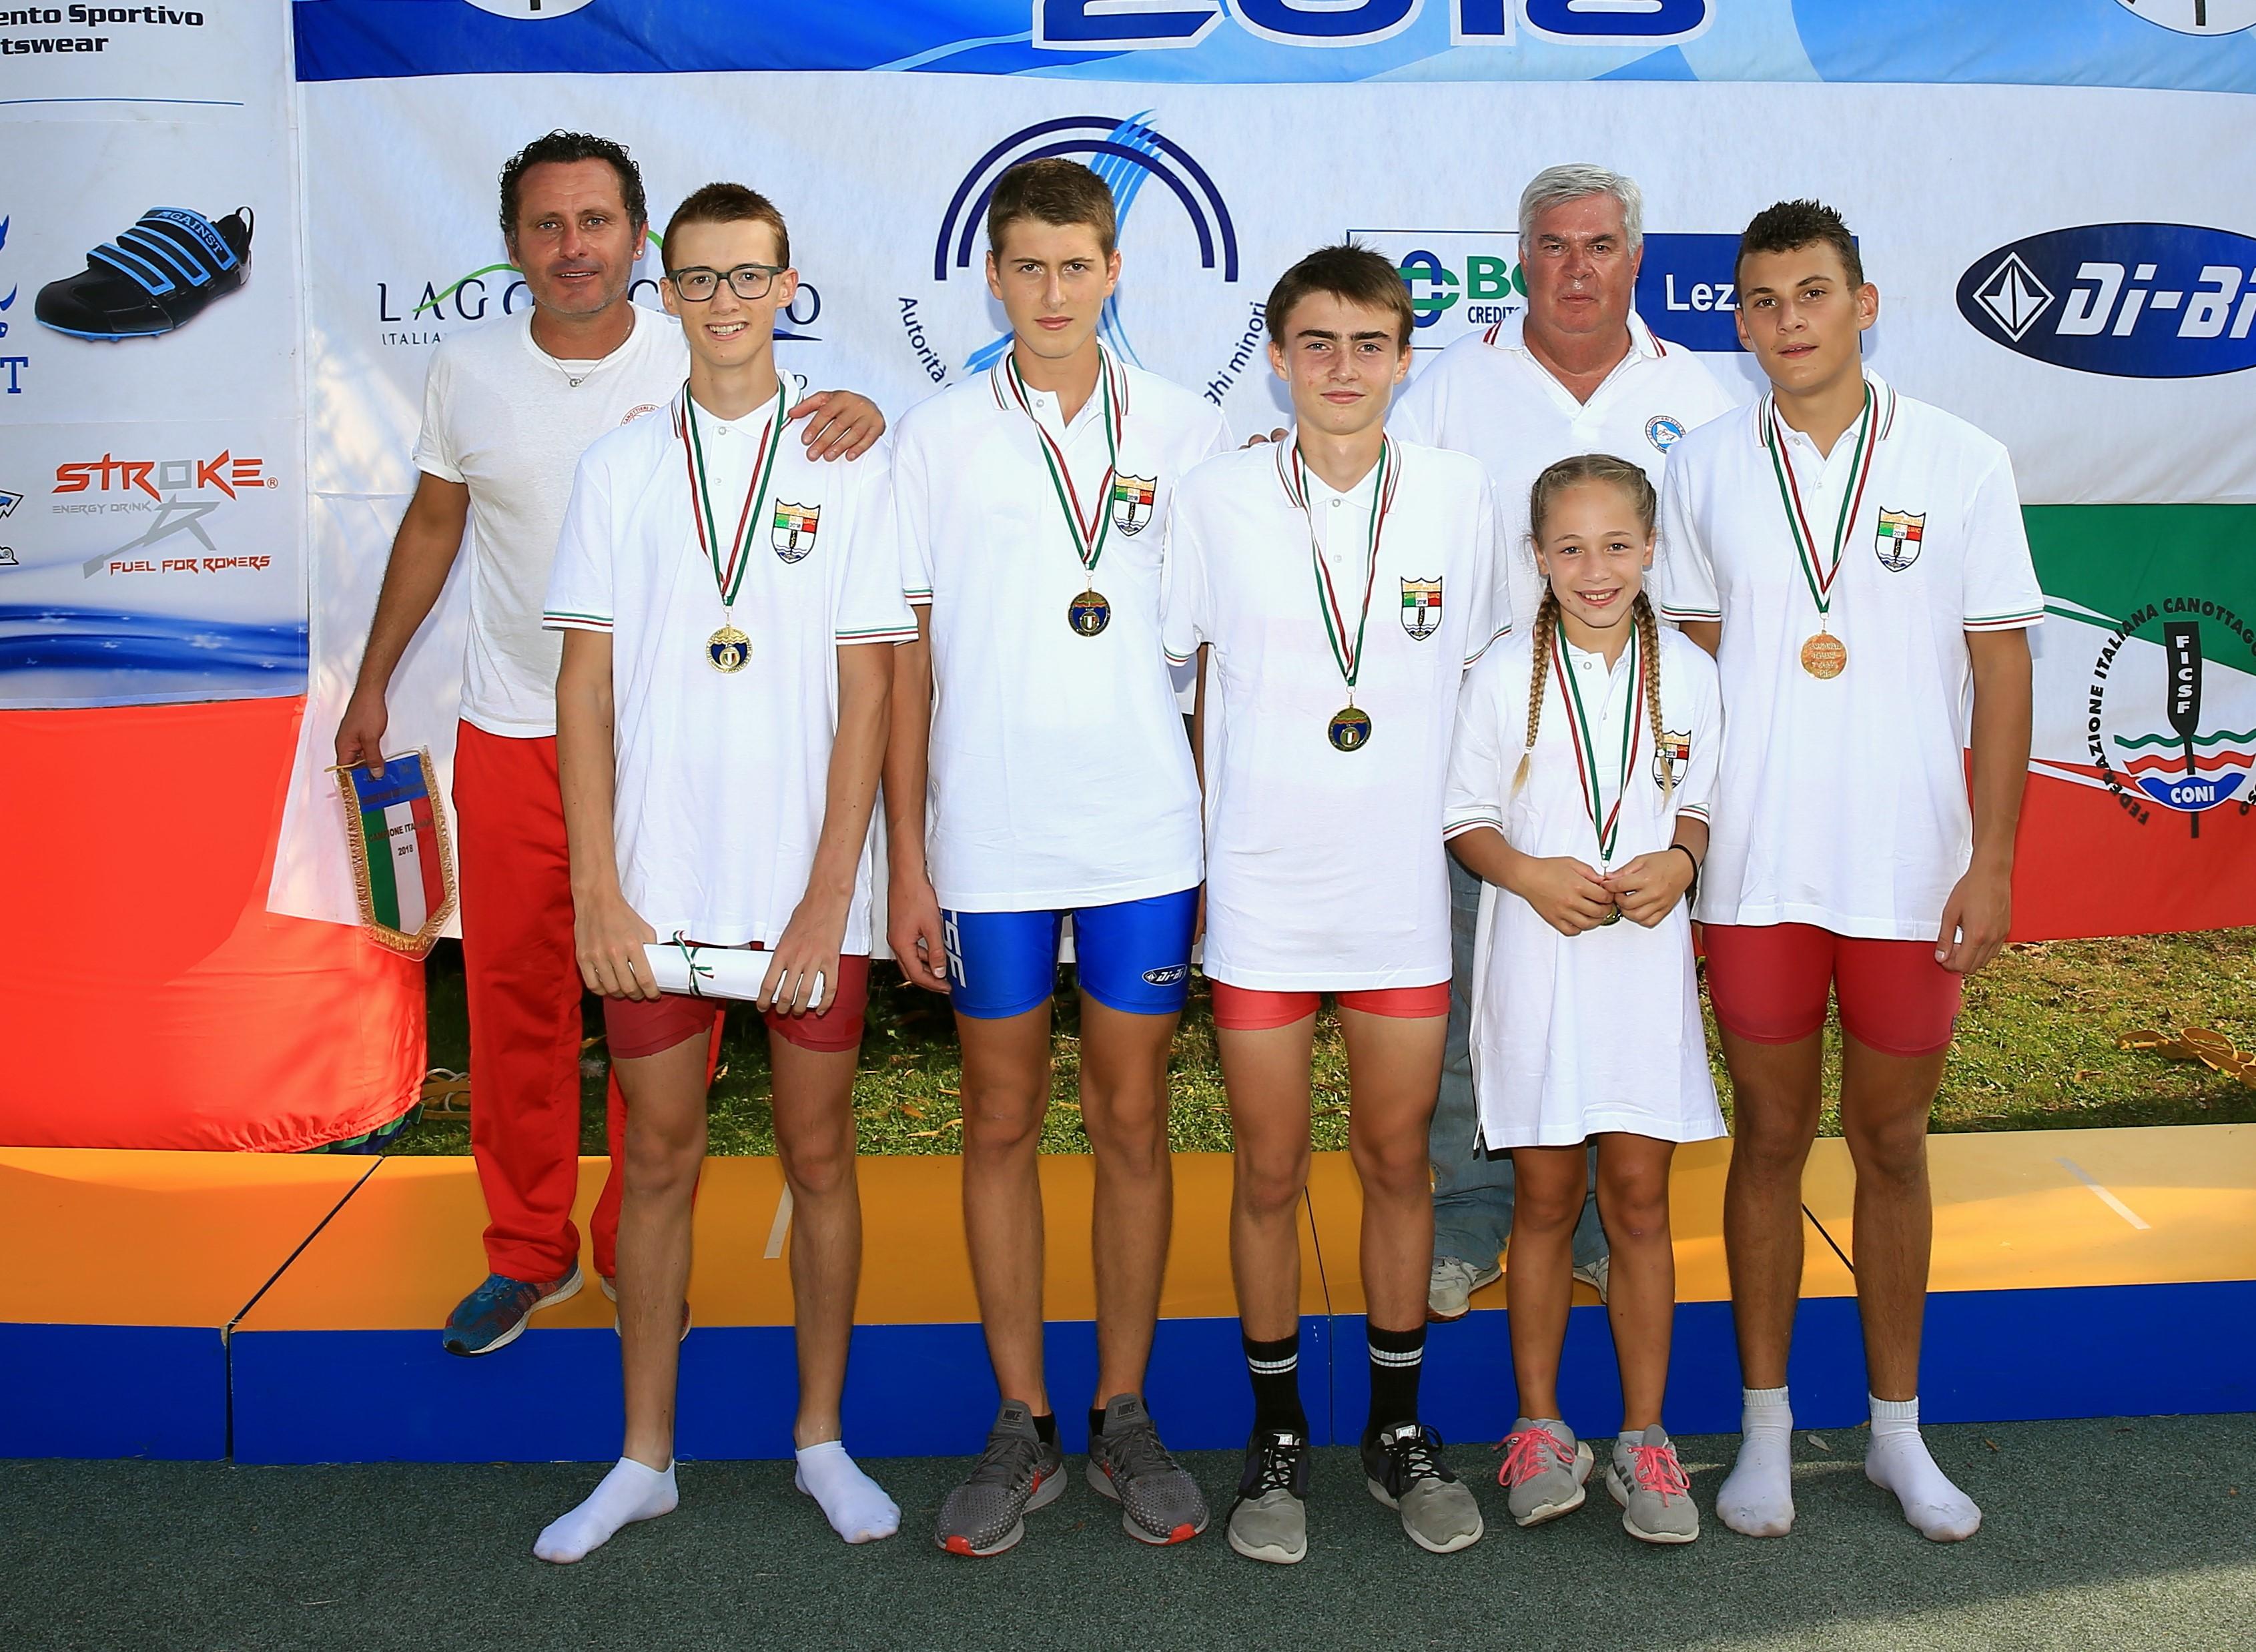 Campionati nazionali di Pusiano: i successi della Canottieri Aldo Meda Cima